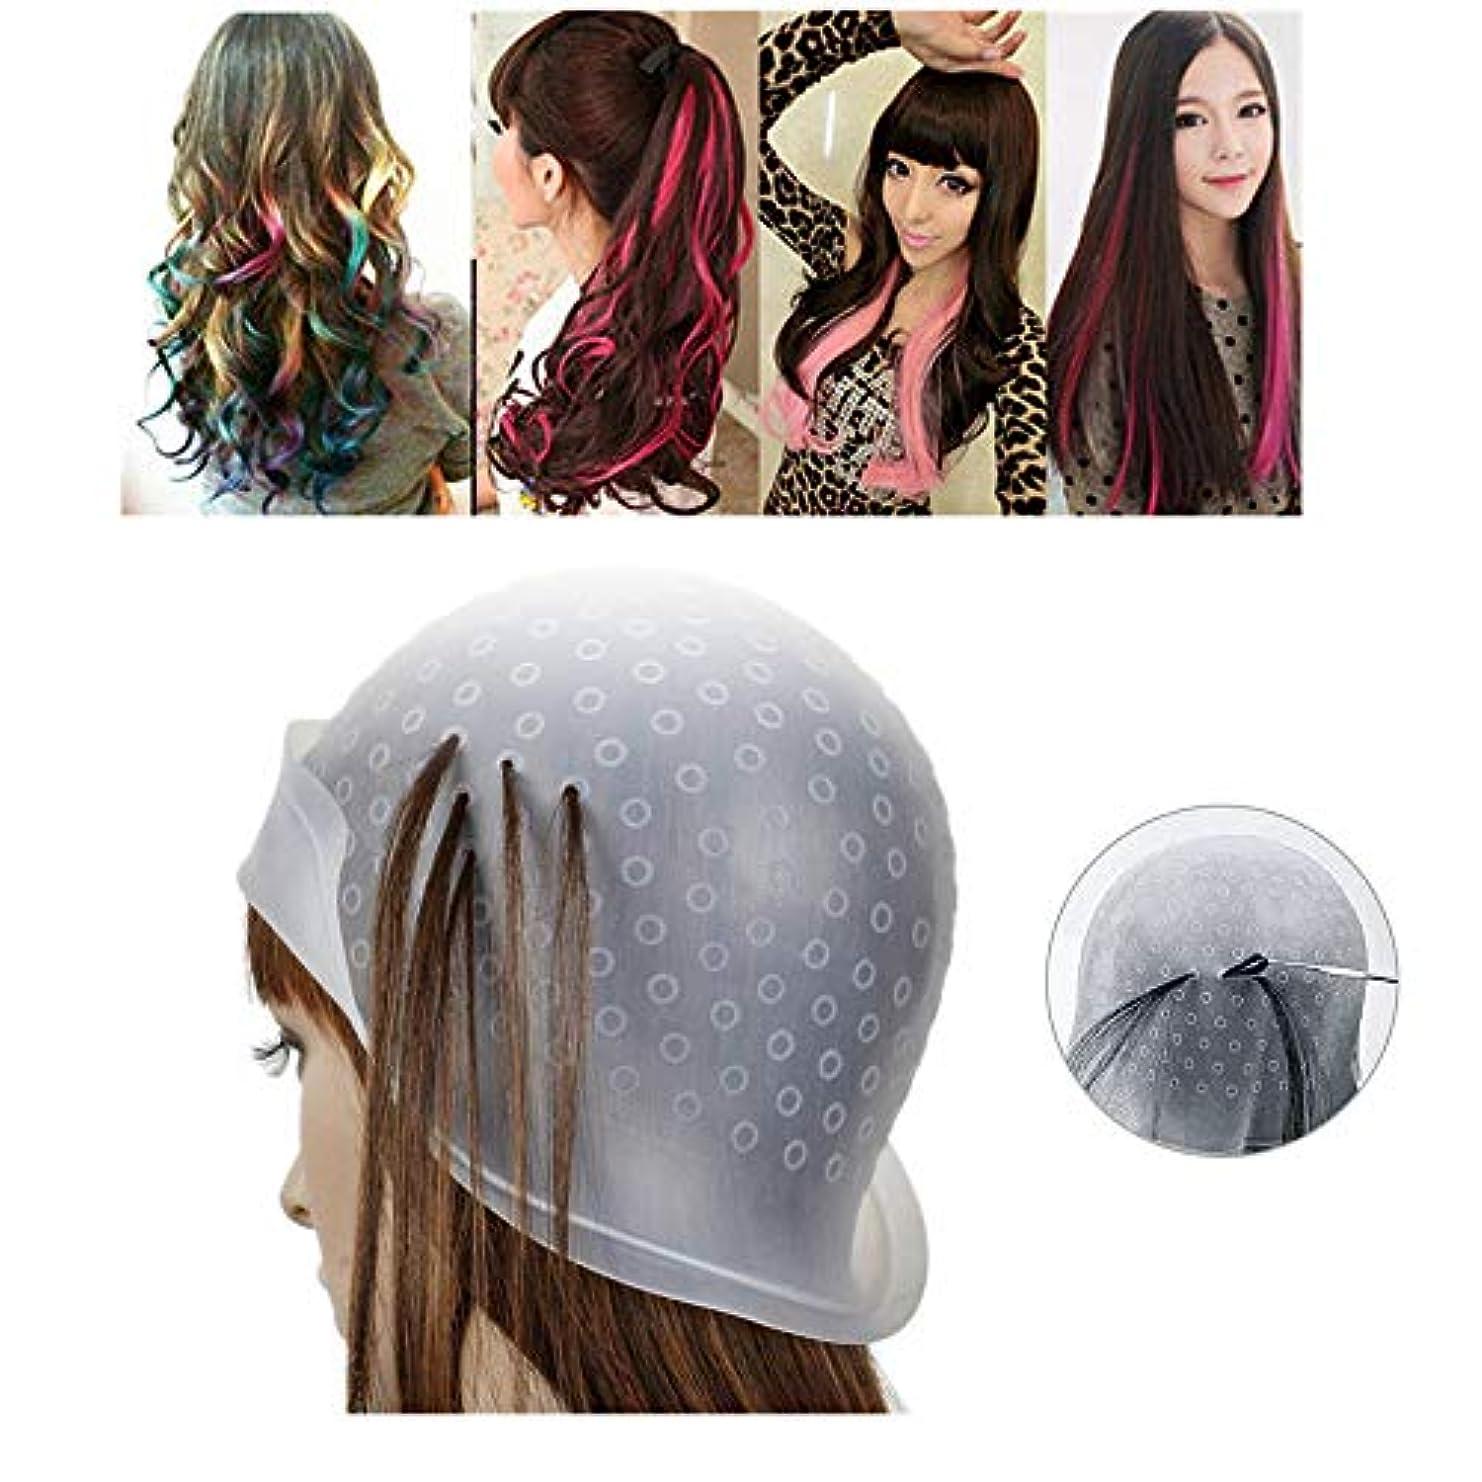 試みオーガニックさらにメッシュキャップ ヘアカラー 毛染めキャップ 髪染め用 洗って使える ヘアカラー メッシュ 用 シリコン ヘアキャップ カラーリング 不要な染めを避ける 透明